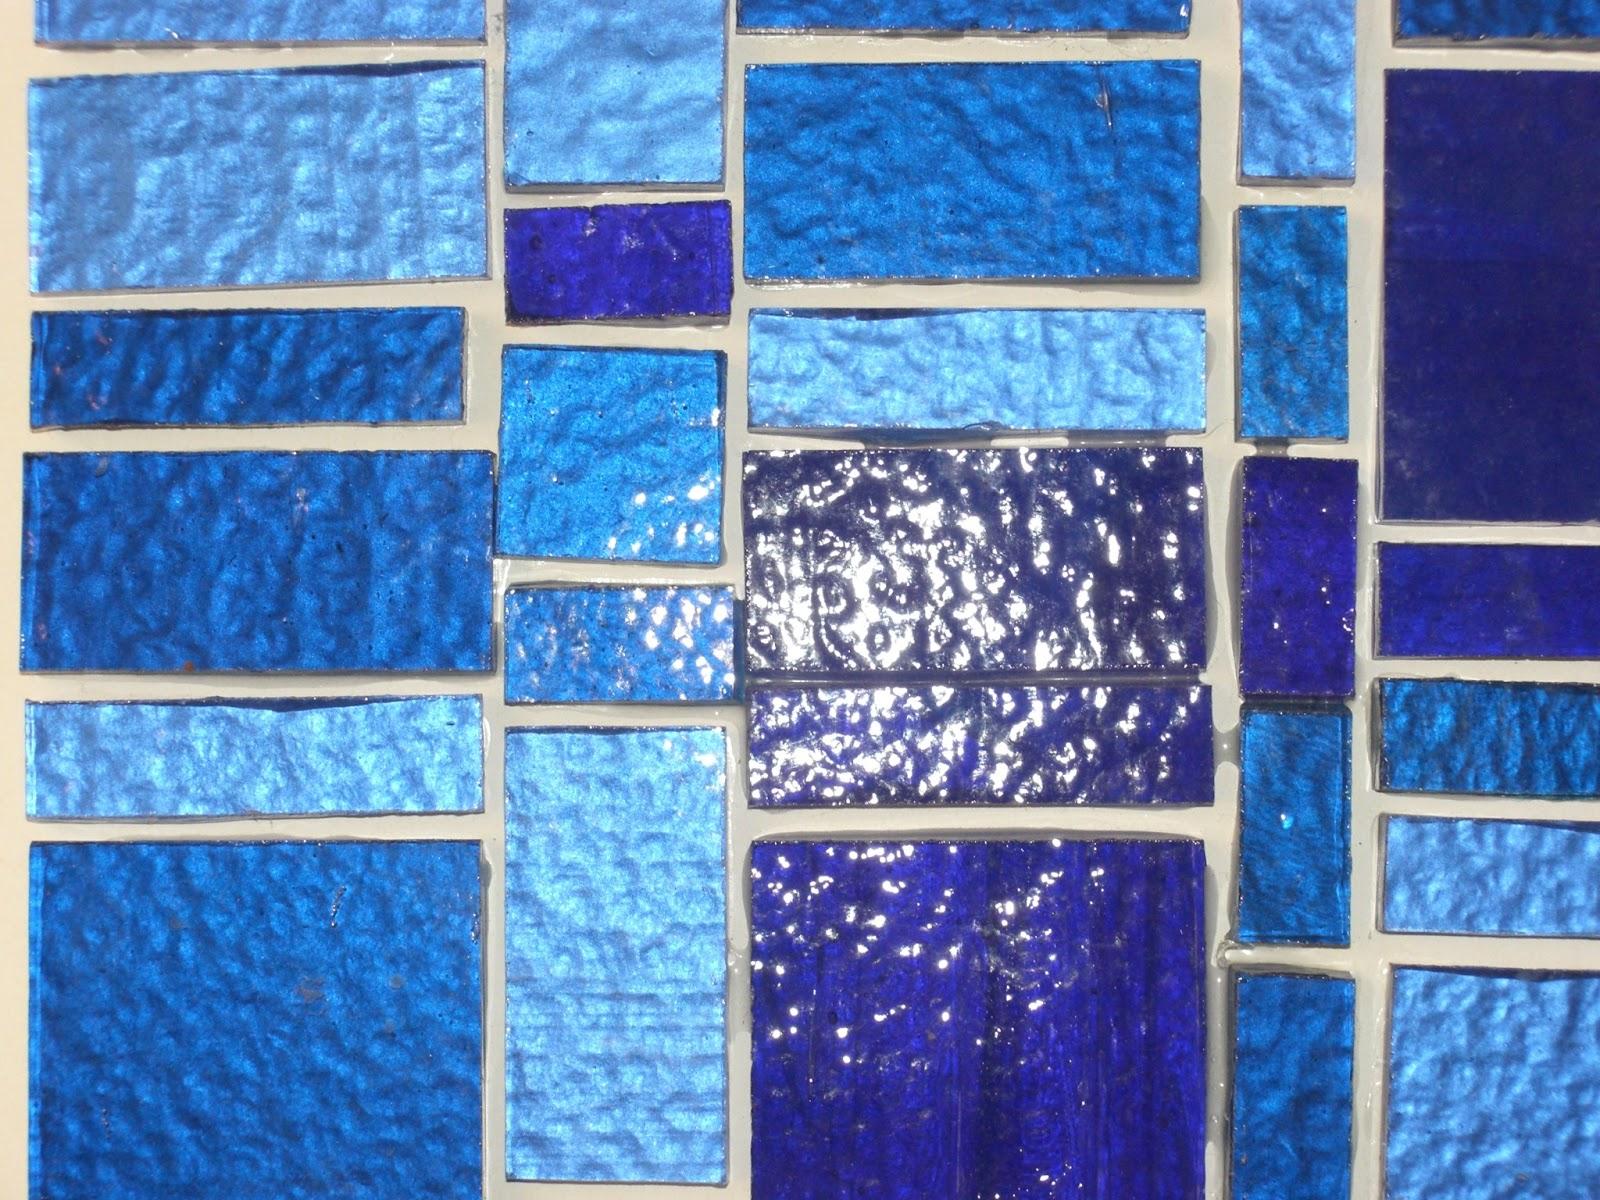 Marina forever il mondo fantastico dei mosaici - Mosaici bagno economici ...